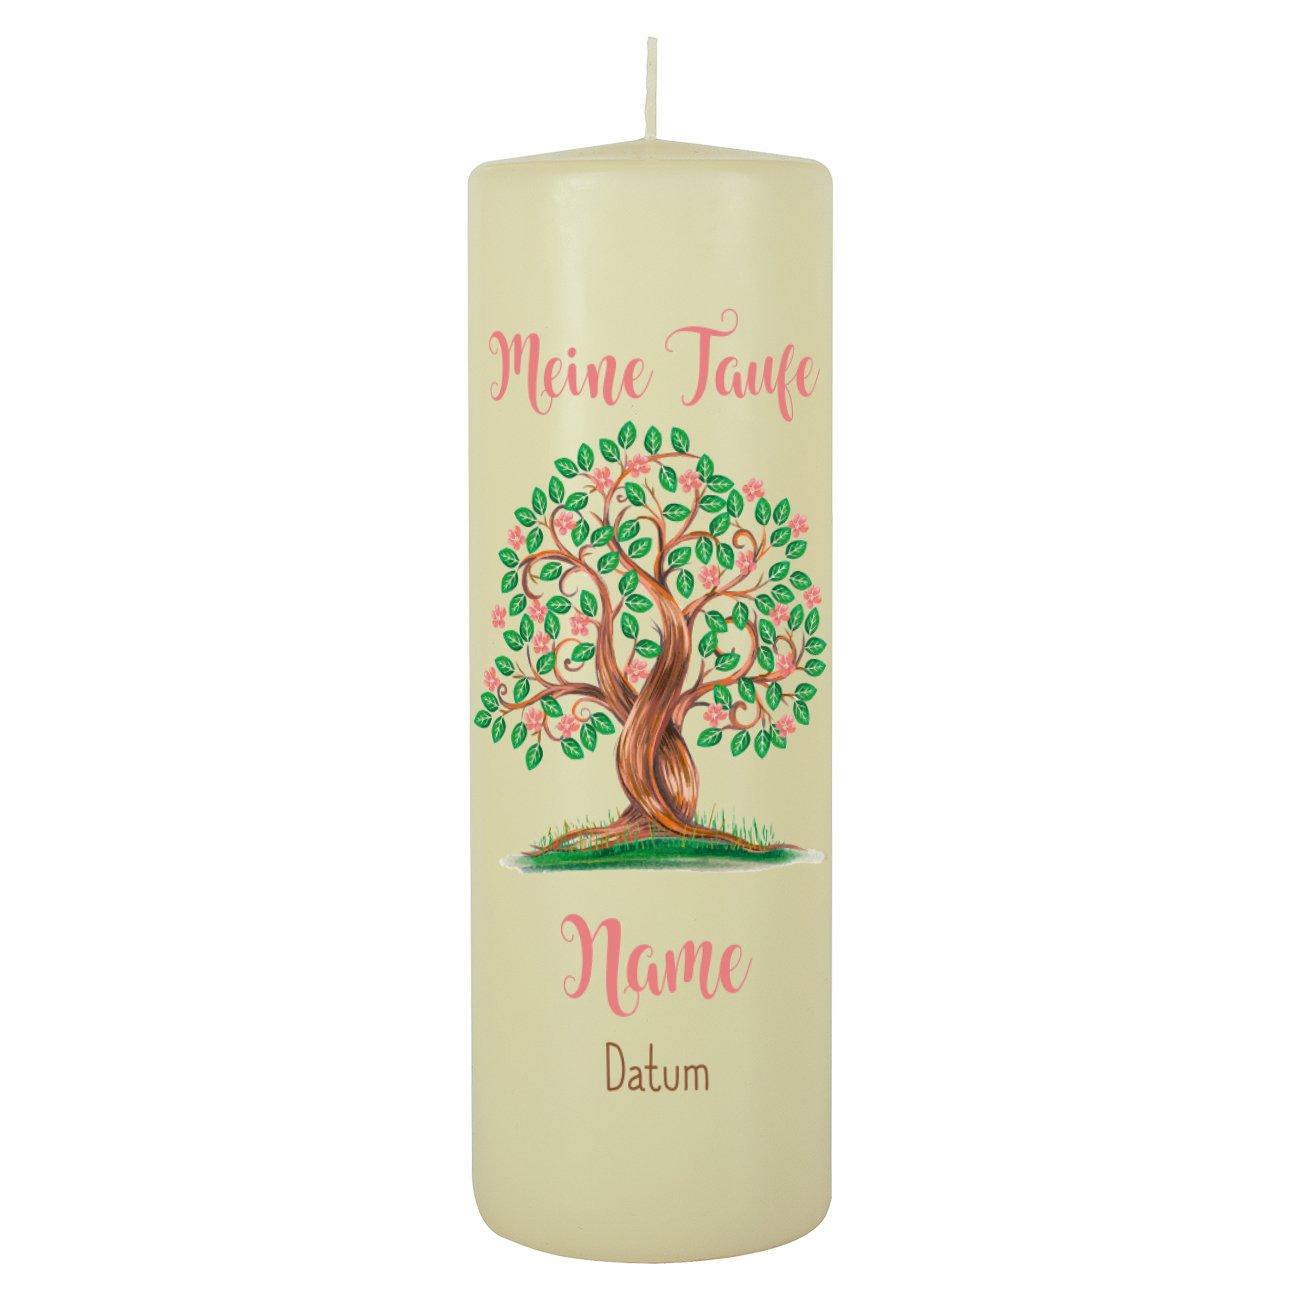 Striefchen Taufkerze für Mädchen - Motiv: Baum des Lebens - inkl. Gratis Beschriftung 250/80mm Brenndauer ca. 120 h Creme Striefchen®